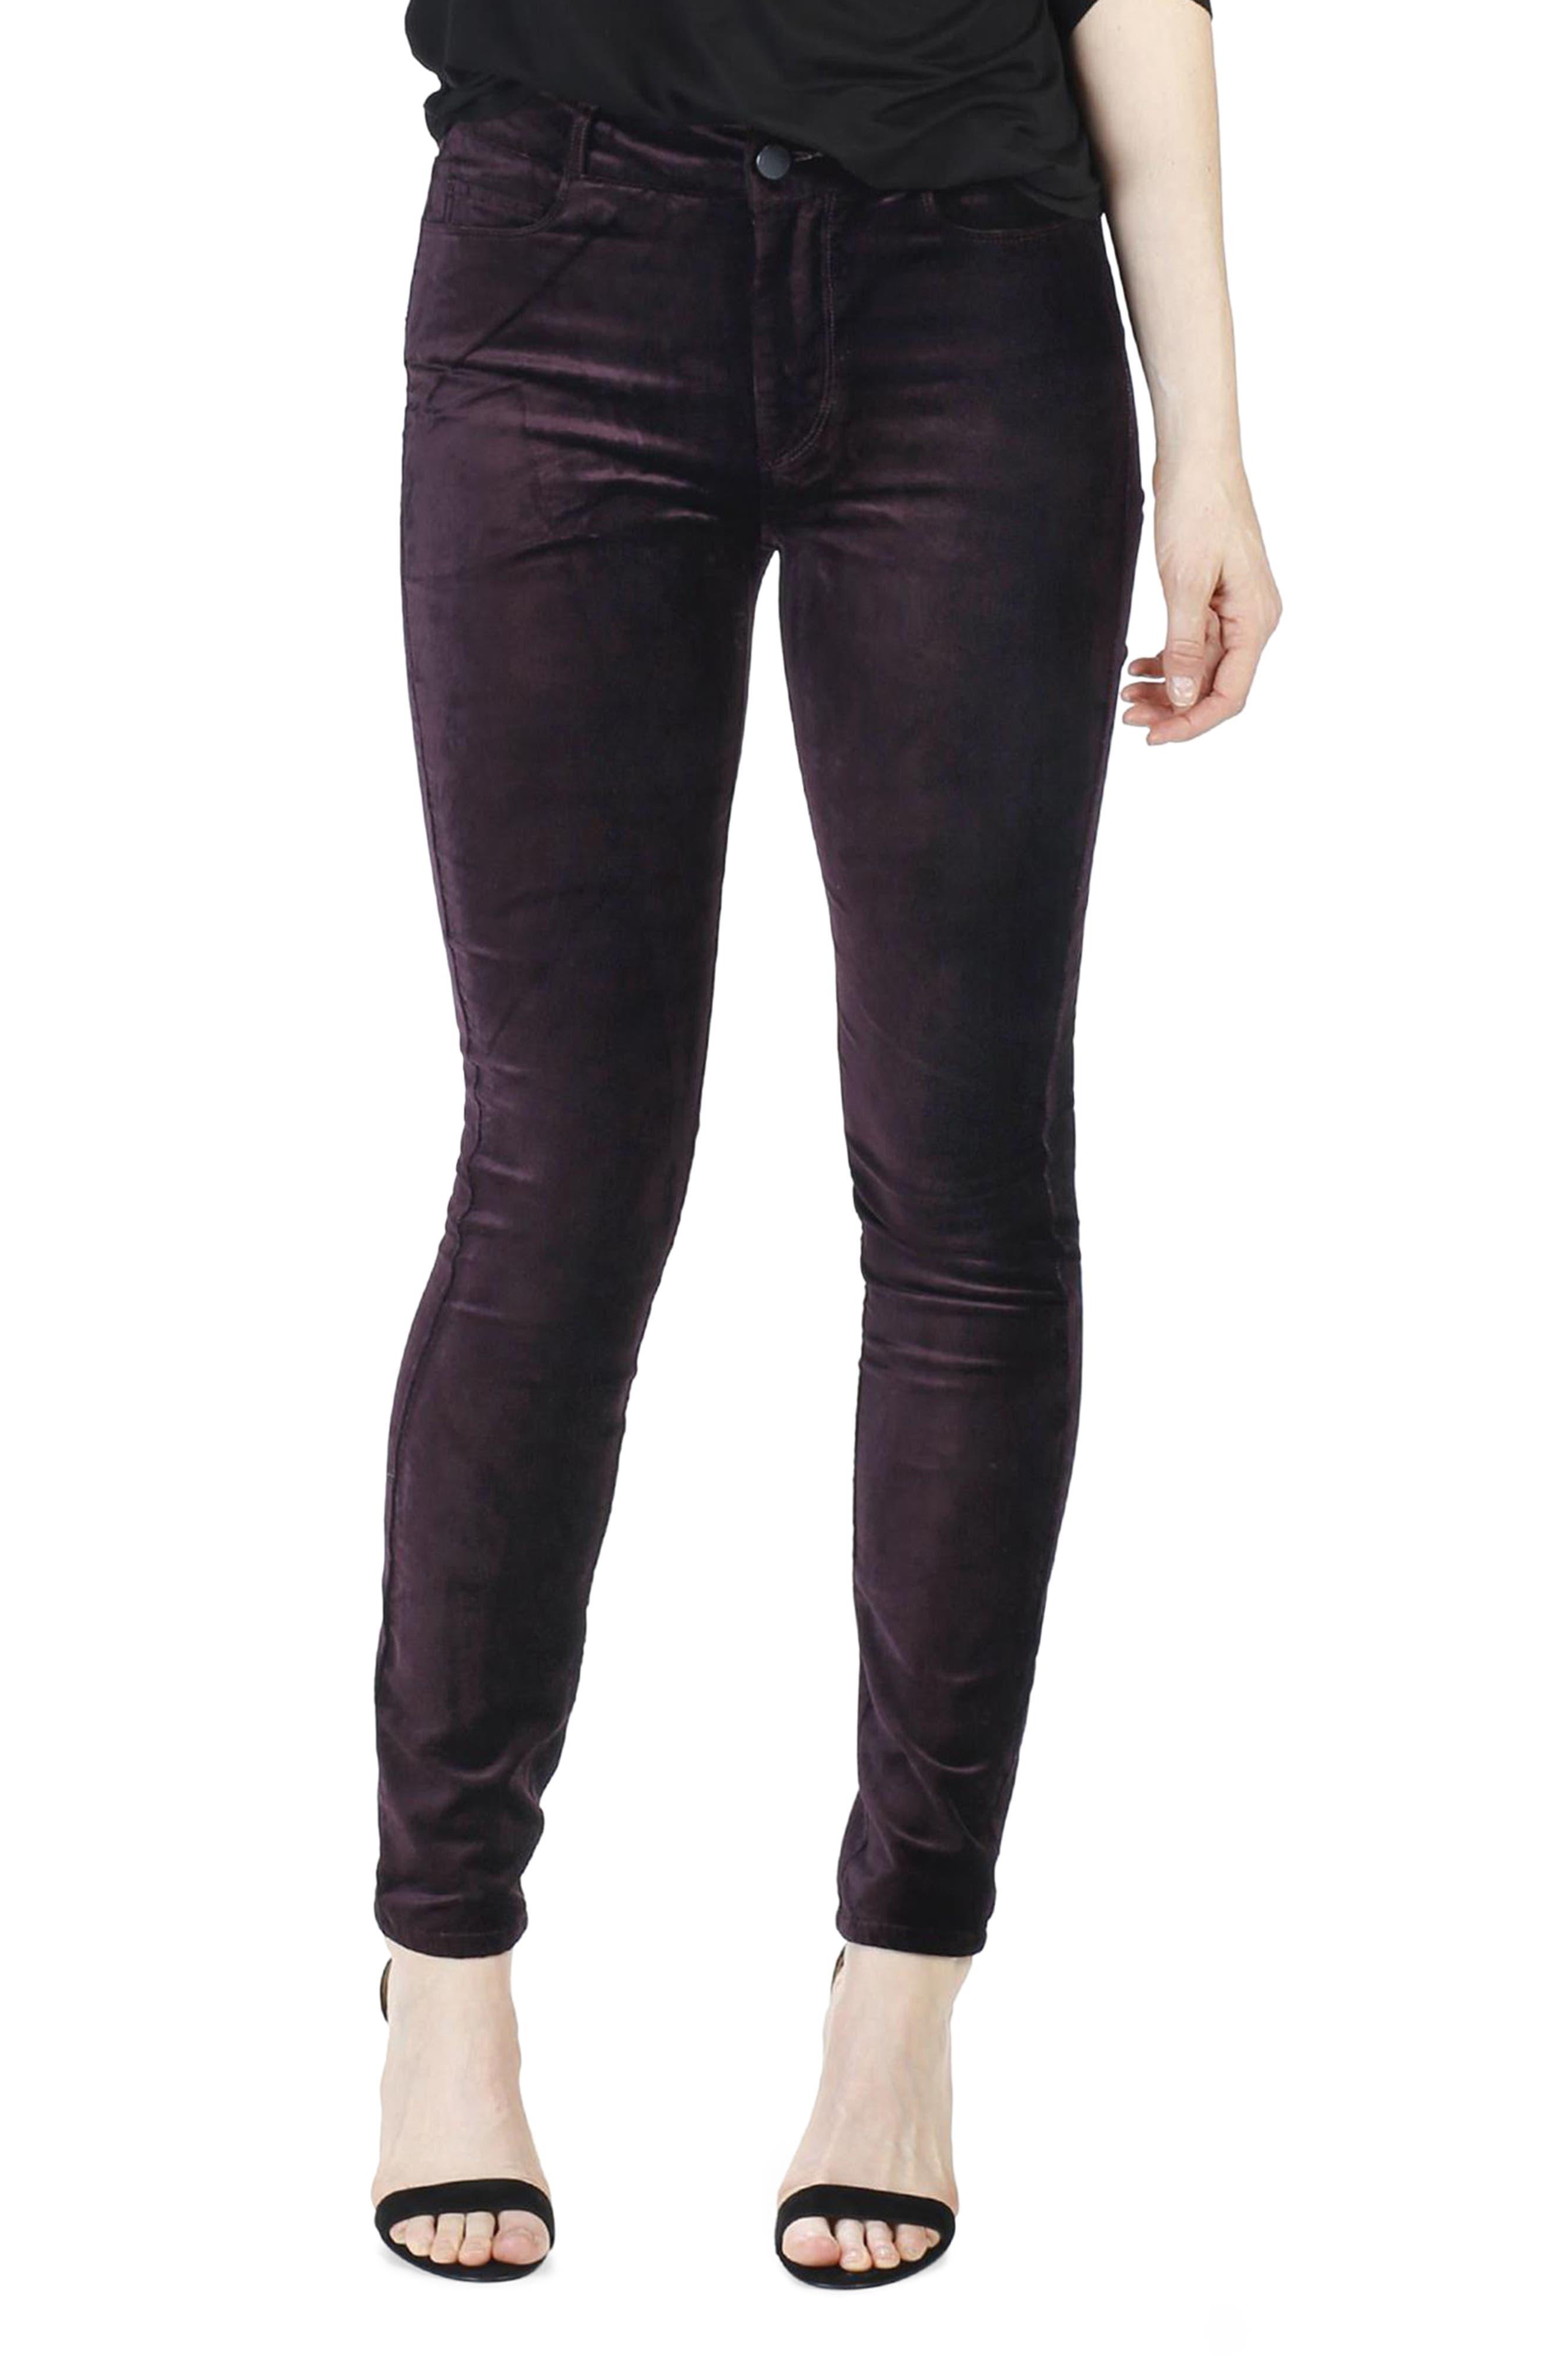 Hoxton Velvet Ankle Skinny Jeans,                             Main thumbnail 1, color,                             Black Cherry